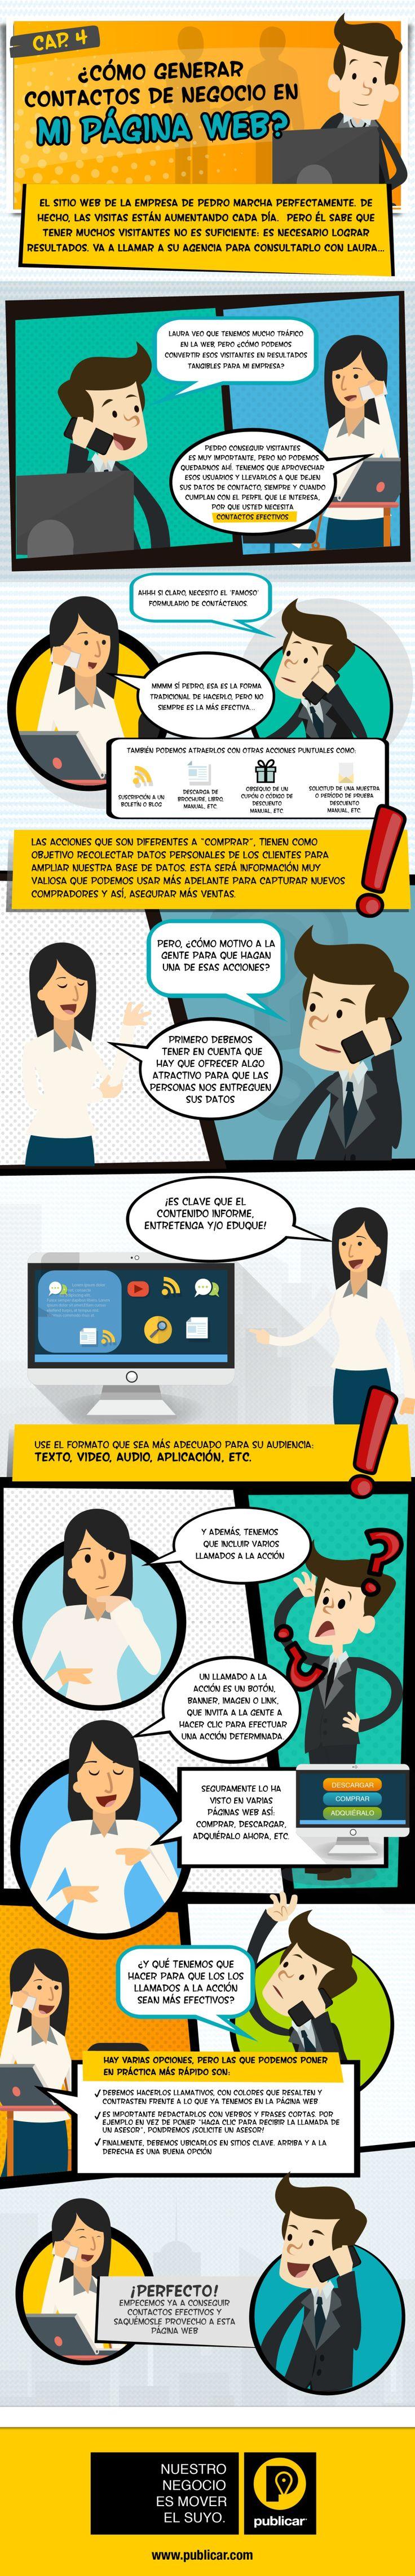 Cómo generar contactos para tu empresa en tu web #infografia #infographic #marketing